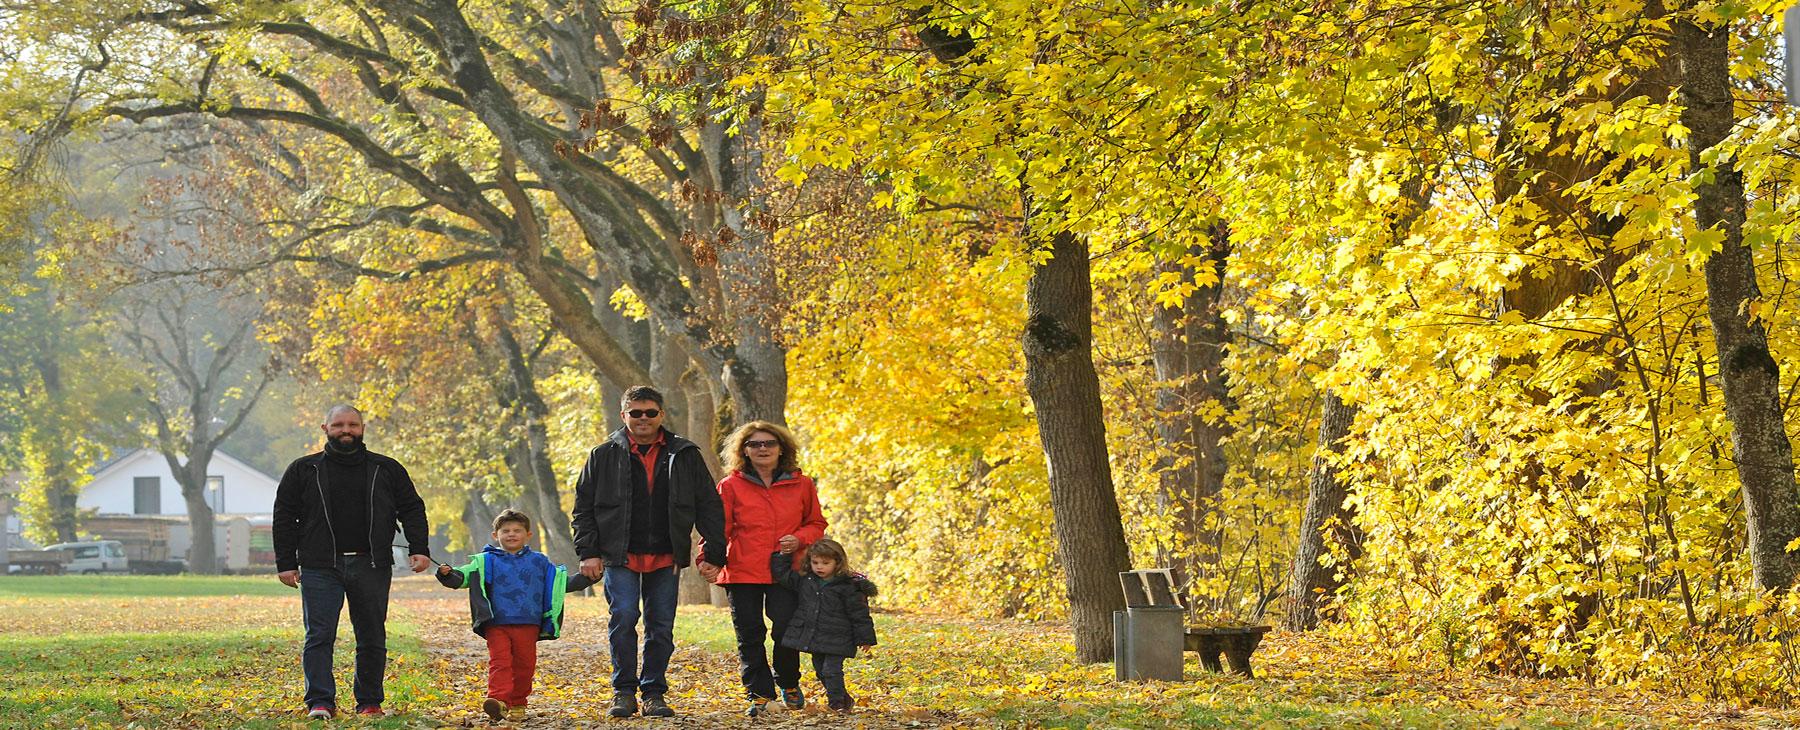 Familie bei einem Herbstspaziergang